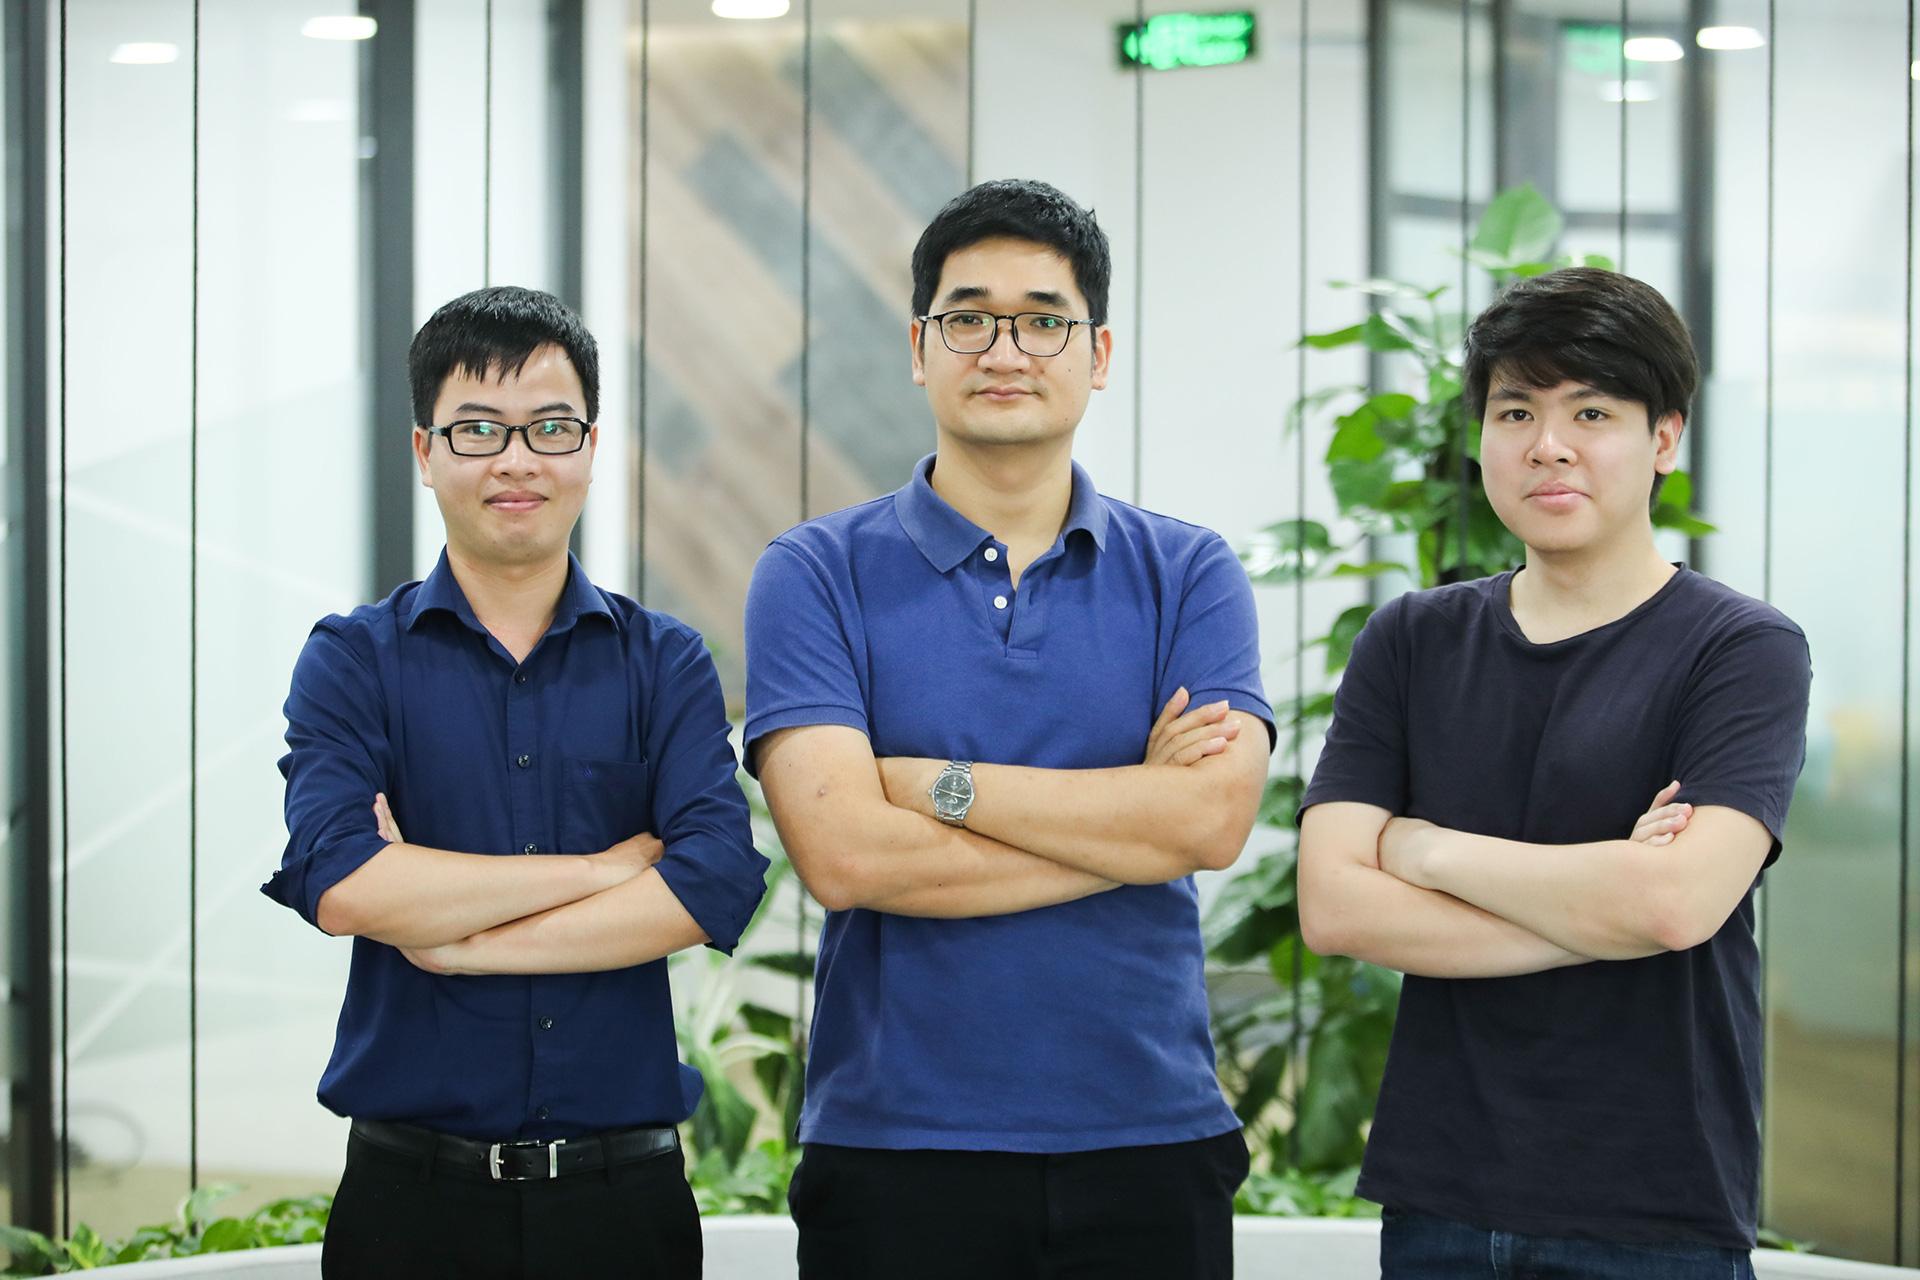 Bước tiến mới đưa trí tuệ nhân tạo vào chẩn đoán hình ảnh y tế tại Việt Nam - Ảnh 6.